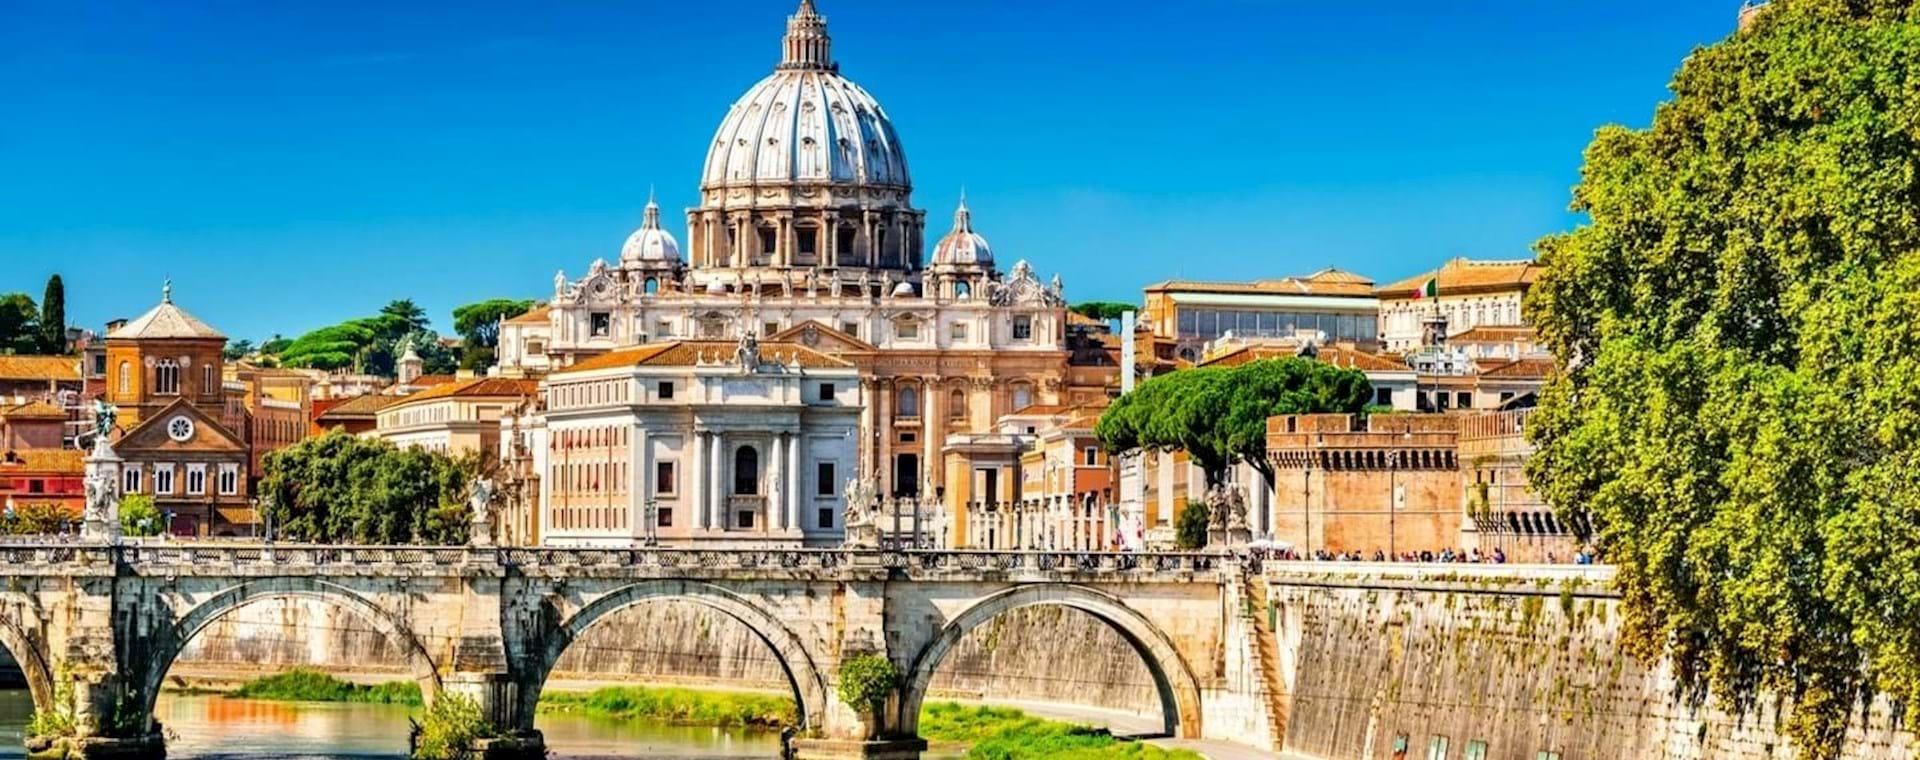 Tour Museos del Vaticano, Capilla Sixtina y Basílica de San Pedro